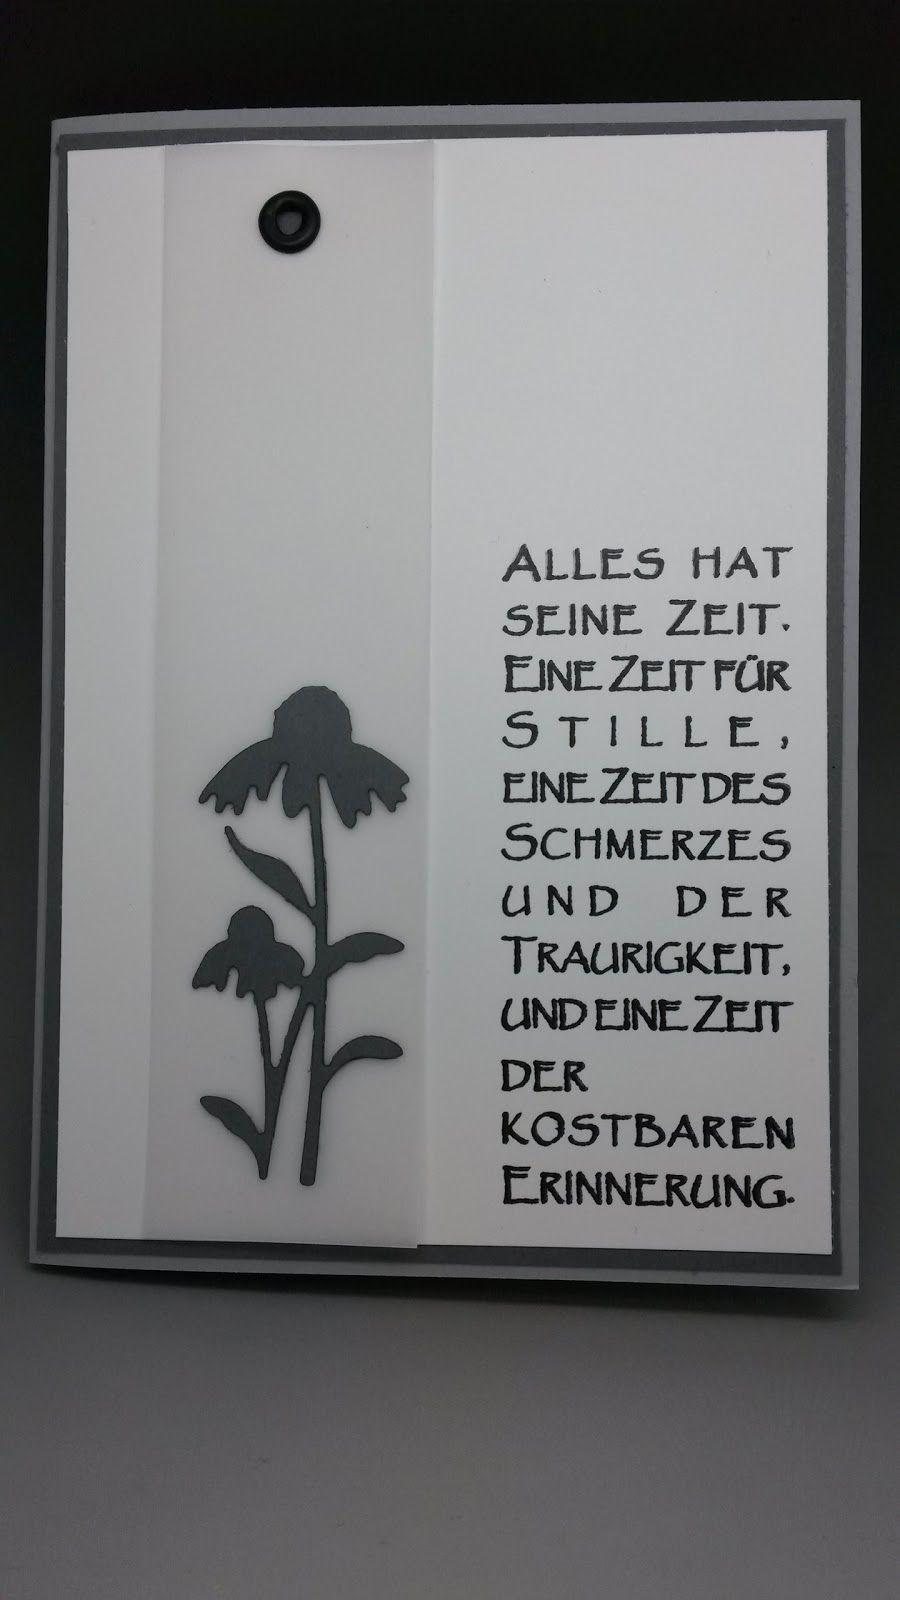 20151113 112837 Jpg 900 1 600 Pixel Spruche Trauer Beileid Spruche Trauer Texte